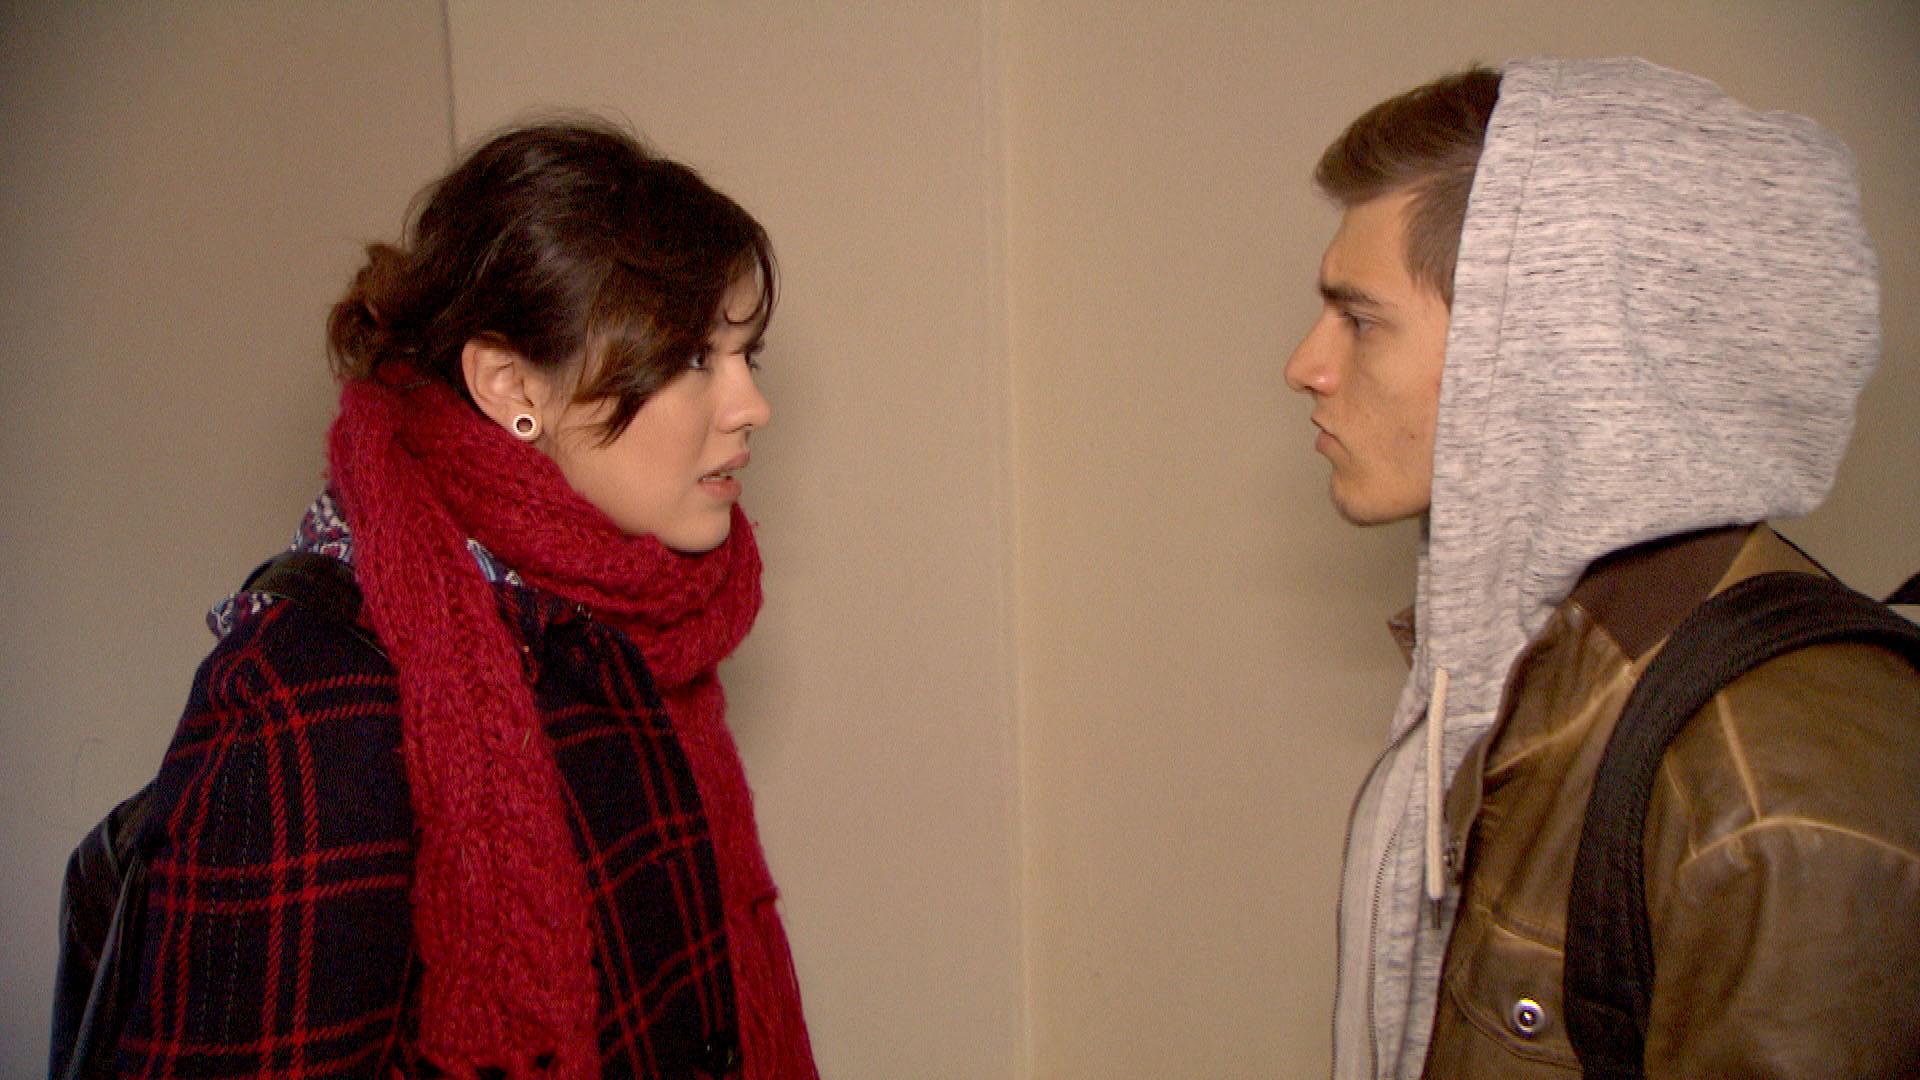 Als Malte bei Aylin einen Knutschfleck entdeckt und rausfinden möchte, wer der Neue ist, packt Aylin die Panik. (Quelle: RTL 2)